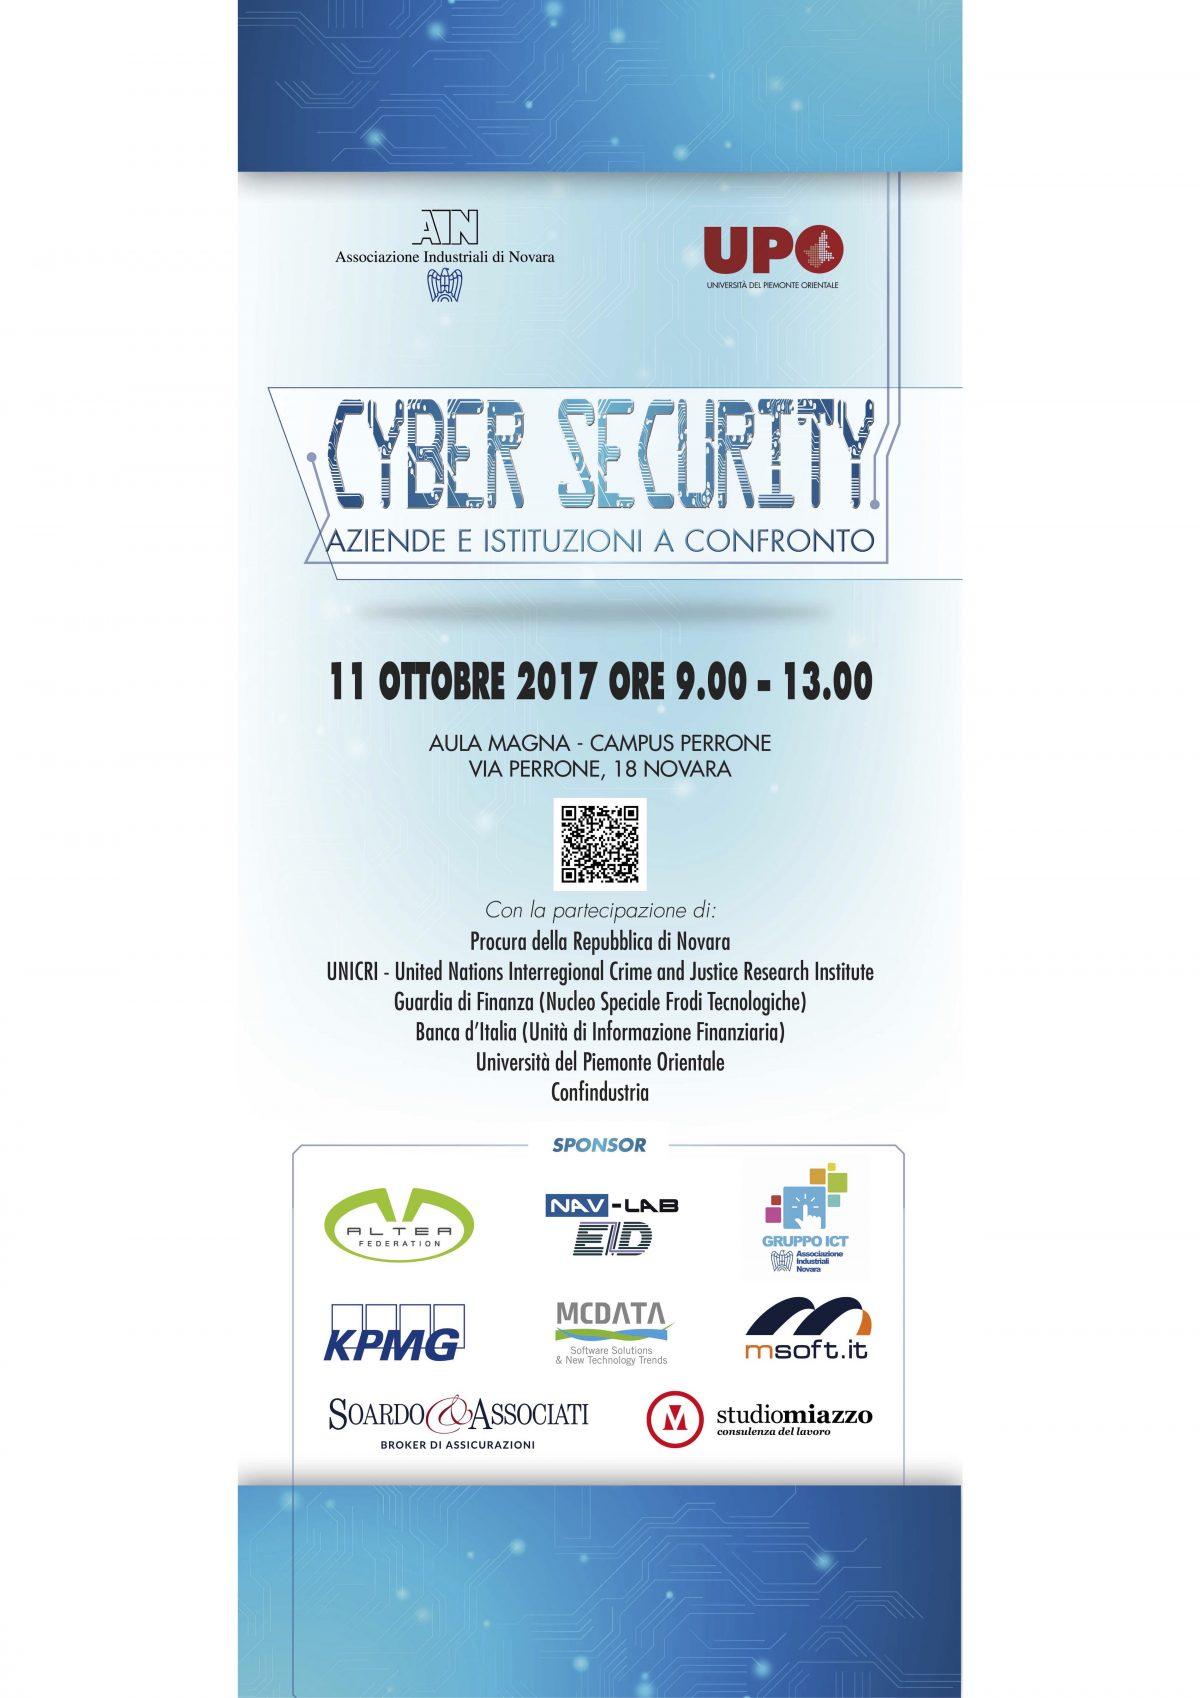 """11/10/2017 – Soardo e Associati sponsor dell'evento """"Cyber Security: aziende e Istituzioni a confronto"""""""